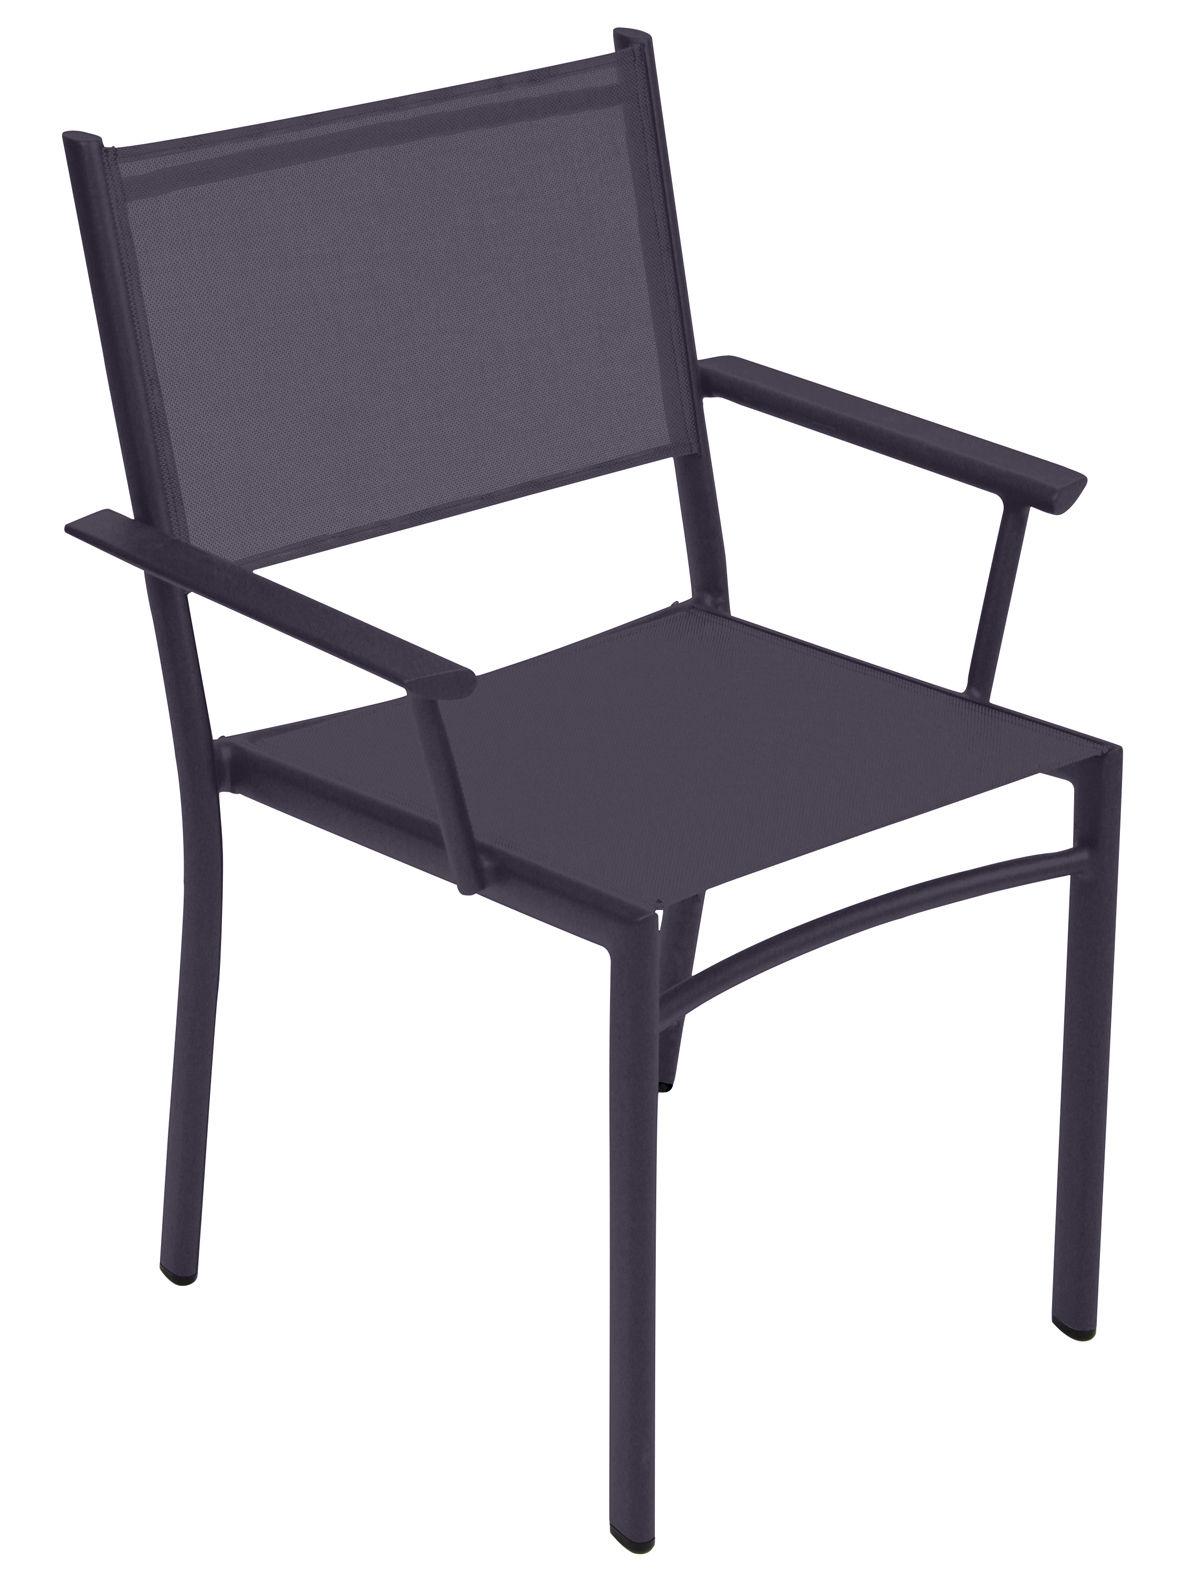 Mobilier - Chaises, fauteuils de salle à manger - Fauteuil empilable Costa / Assise toile - Fermob - Prune - Aluminium, Toile